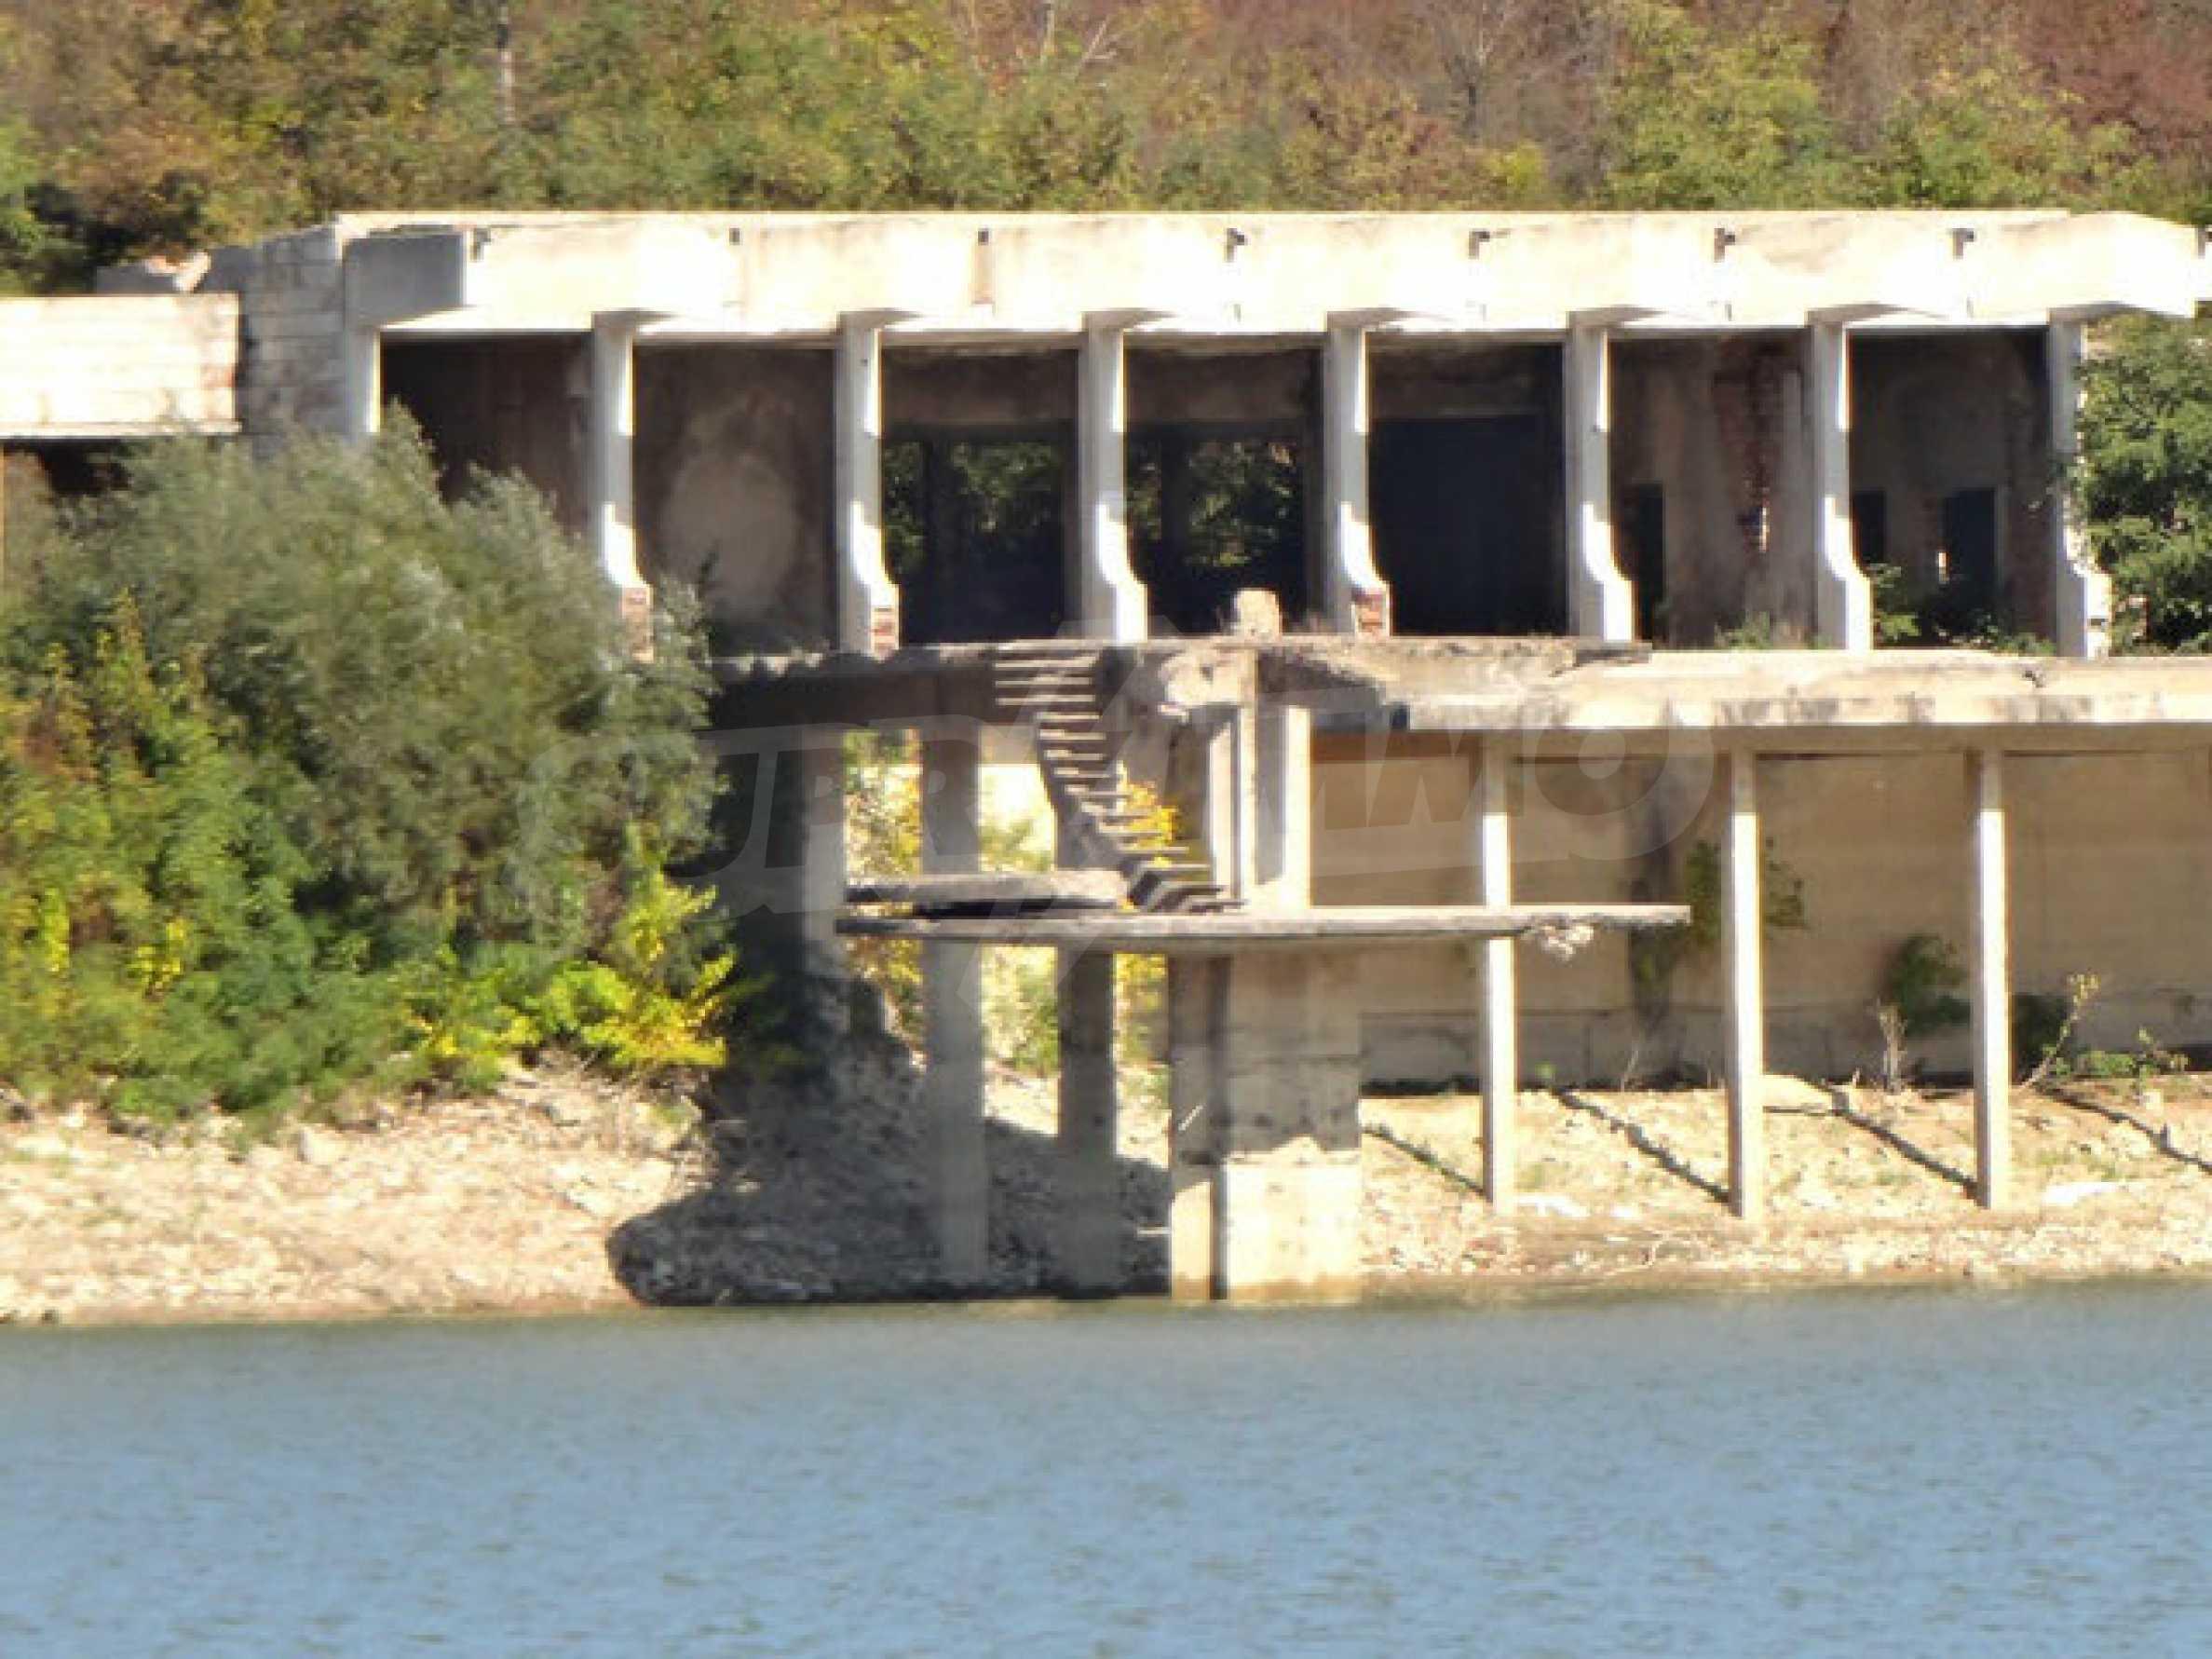 Massives Gebäude am Ufer eines Dammes 37